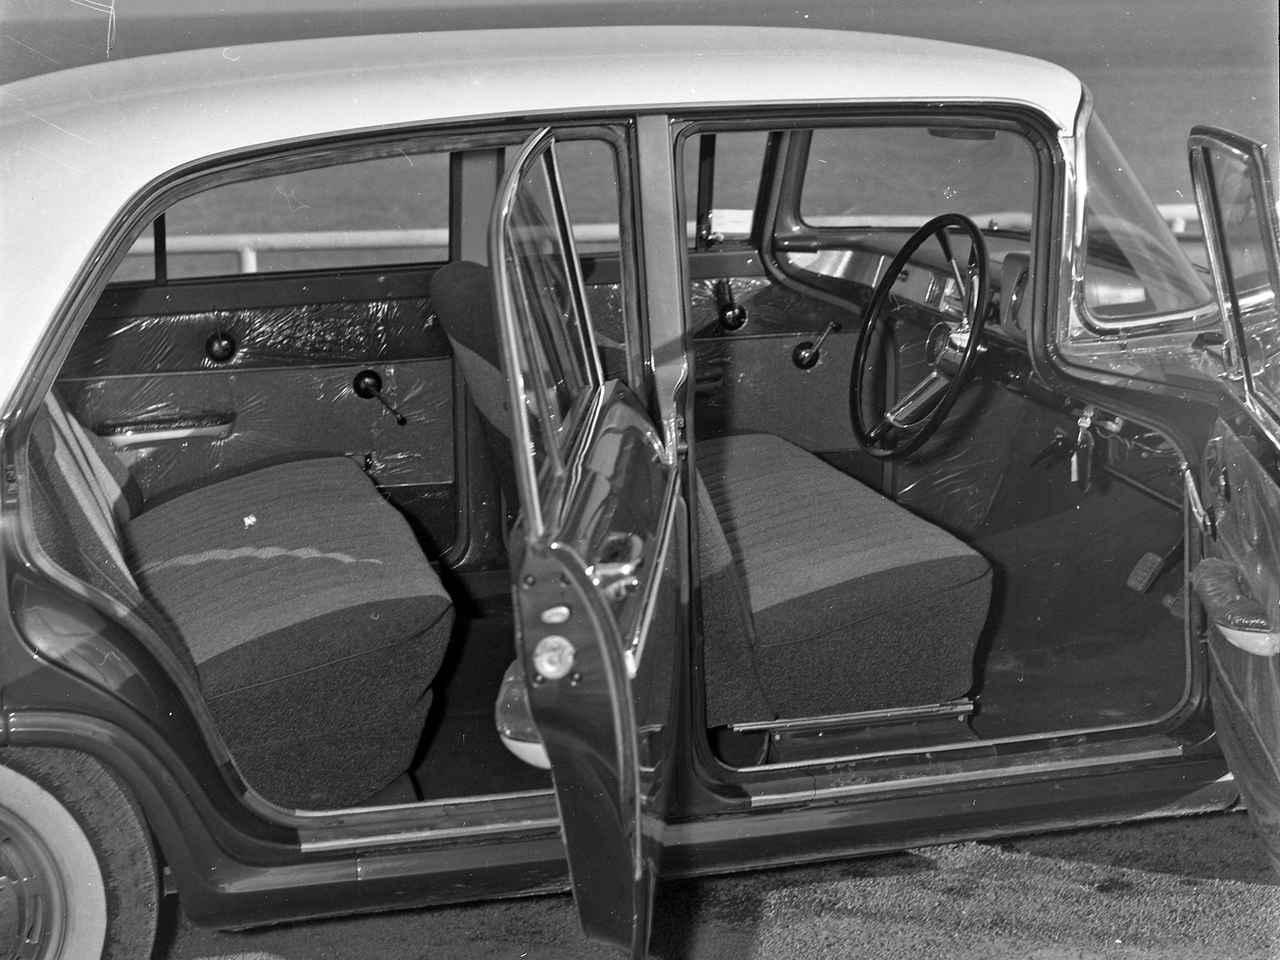 【昭和の名車108】初代セドリックは日産が初めて独自に開発した1.5Lクラスの乗用車だった【連載再開】